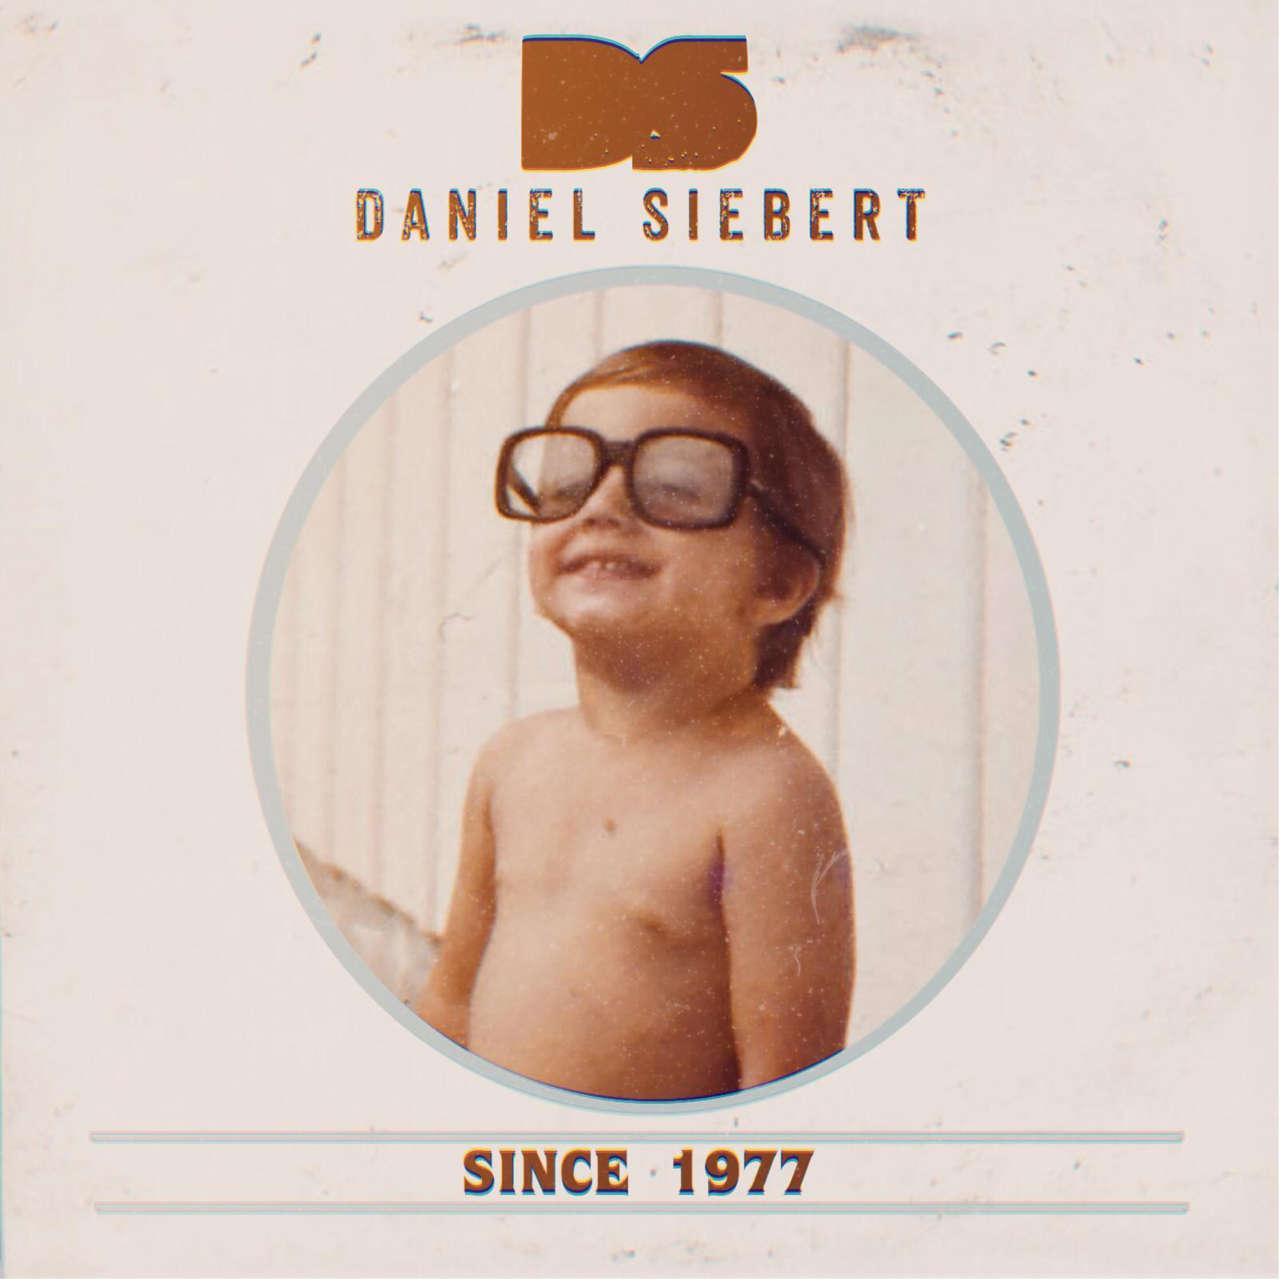 Daniel Siebert lança EP com faixas inéditas nas plataformas digitais